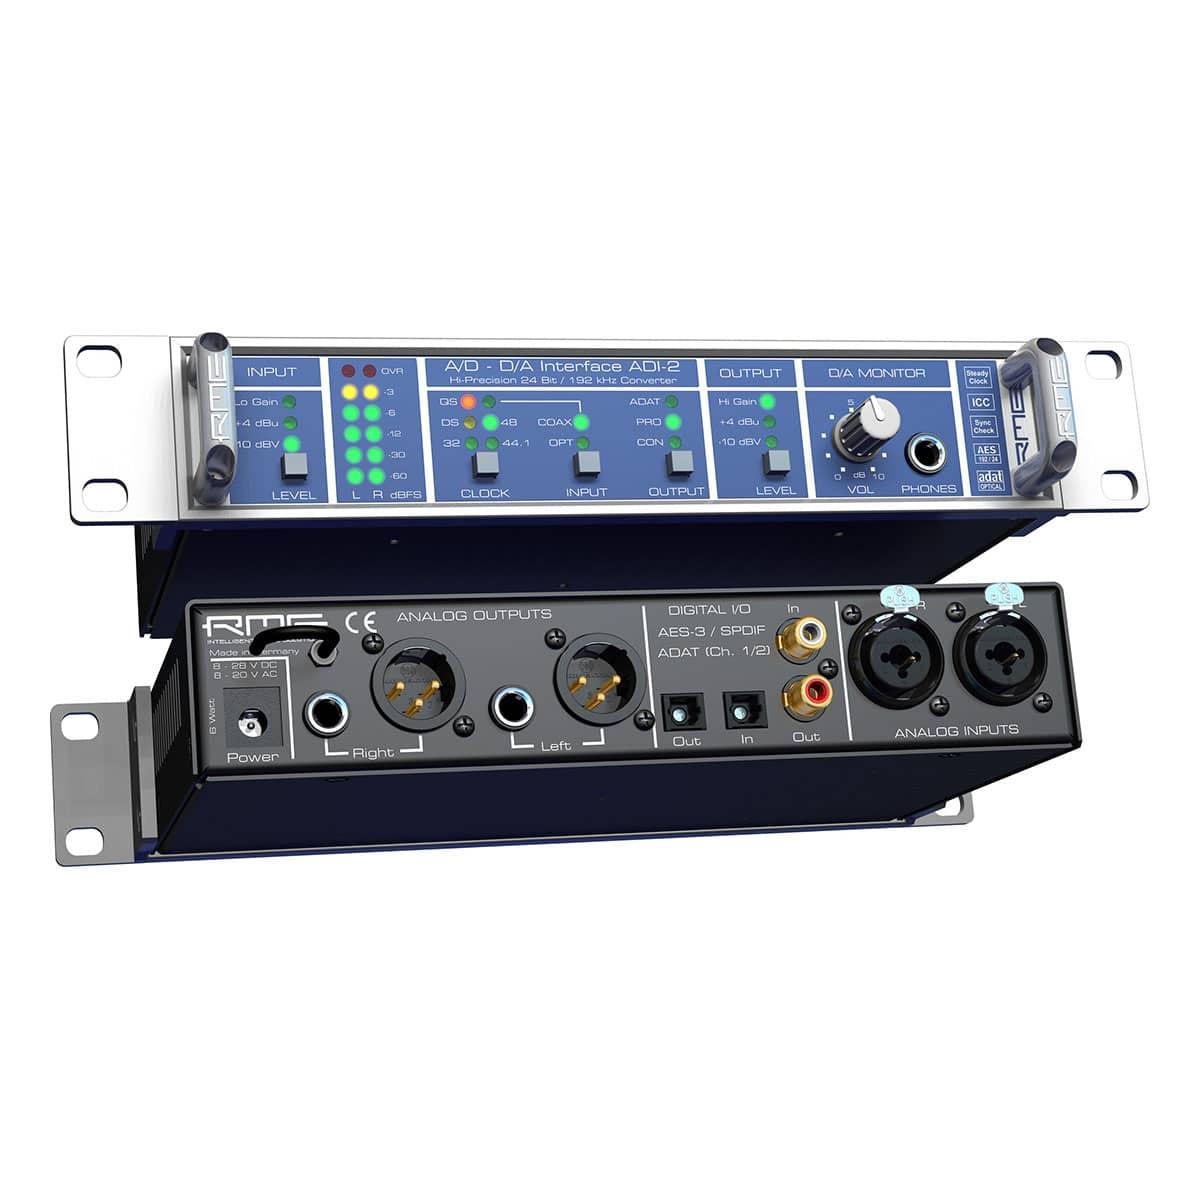 RME ADI 2 06 Convertitori audio professionali, Strumentazioni Pro Audio per studi di registrazione, Audio digitale: Convertitori e schede audio, Interfacce e schede audio USB e Thunderbolt per PC e Mac